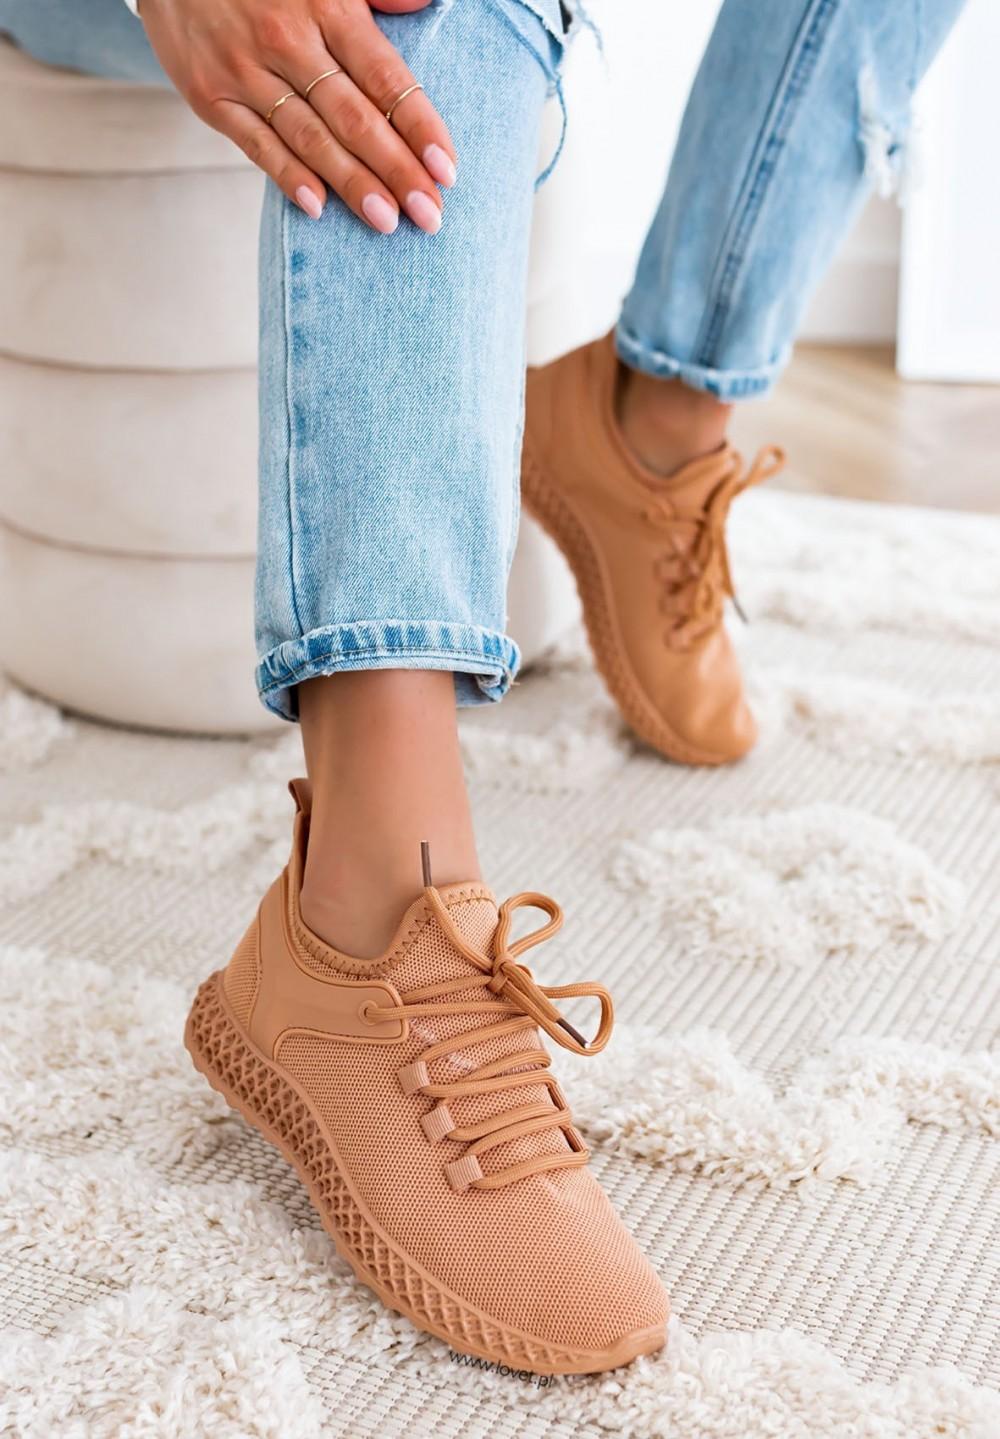 Trampki Sneakersy Siateczkowe Camel Leris